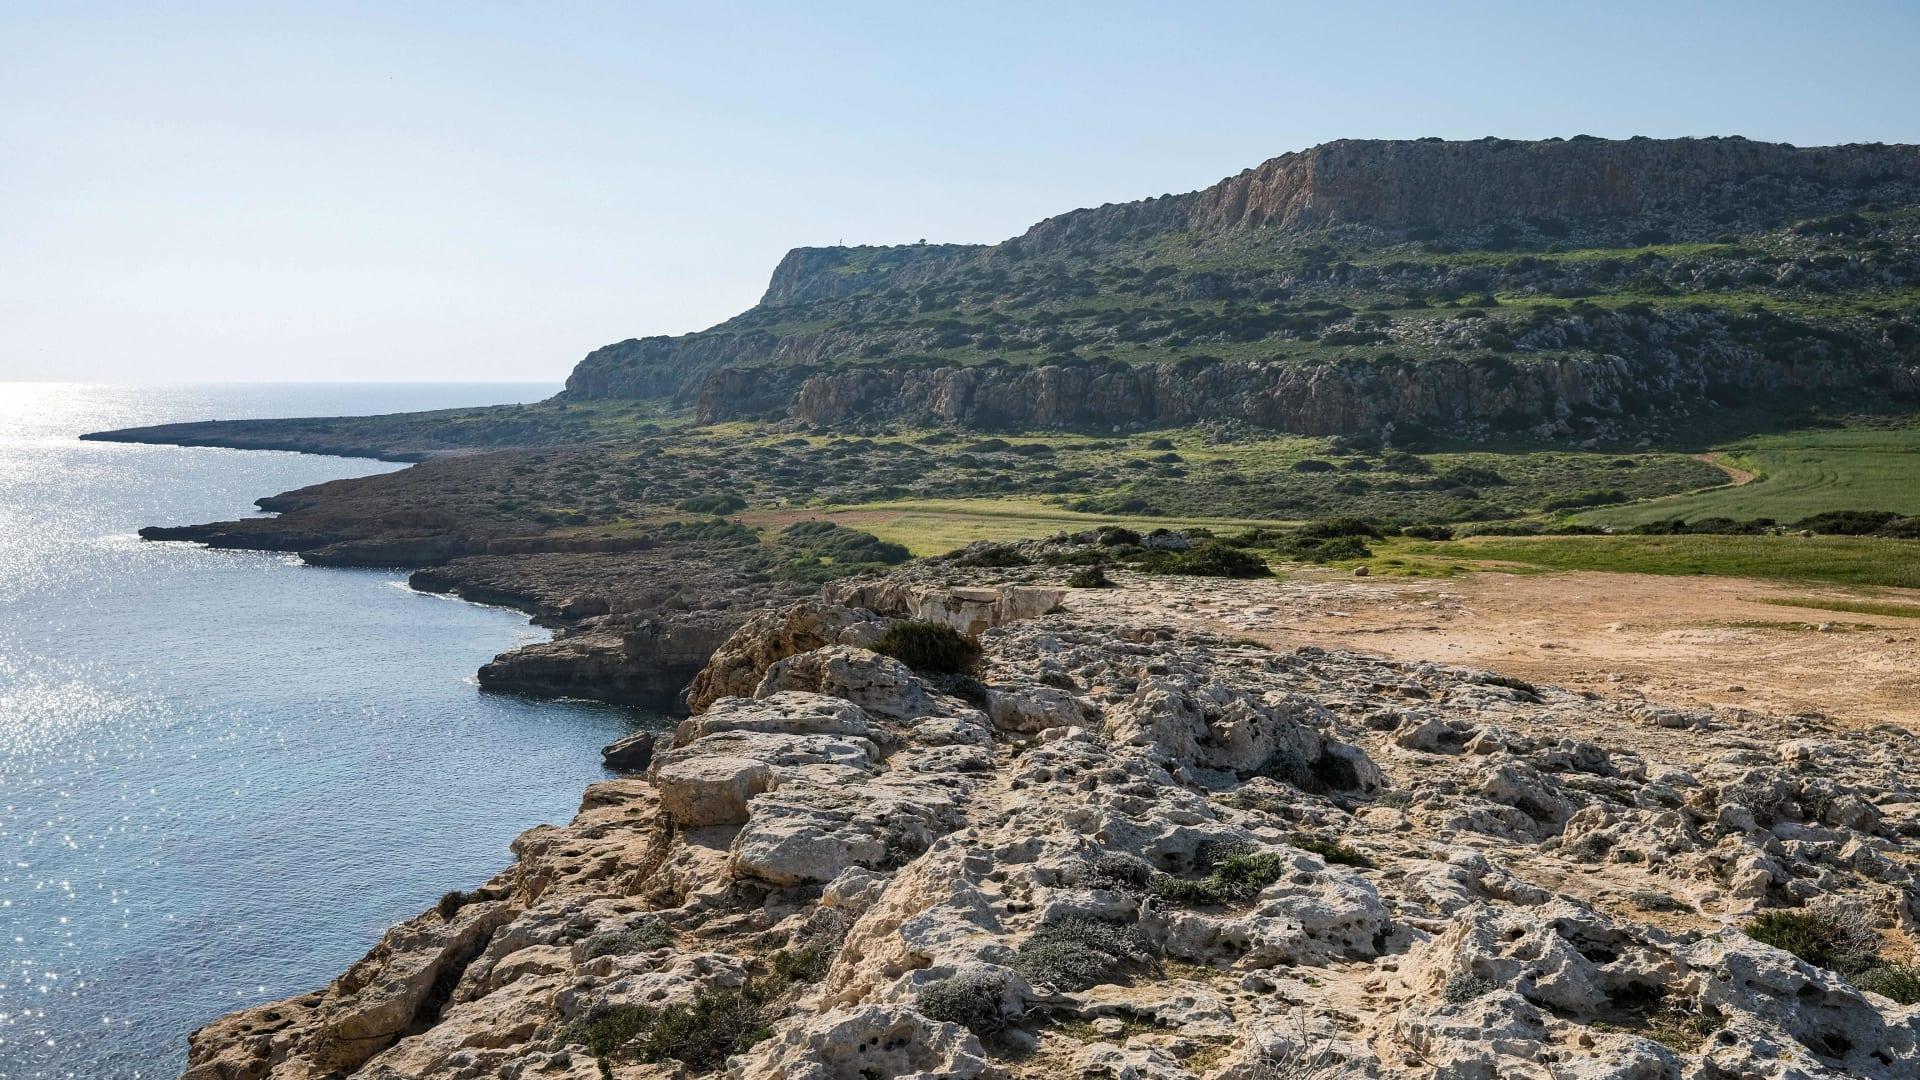 ستسمح قبرص البريطانيين الذين تلقوا لقاح كورونا بالدخول دون قيود اعتبارا من مايو